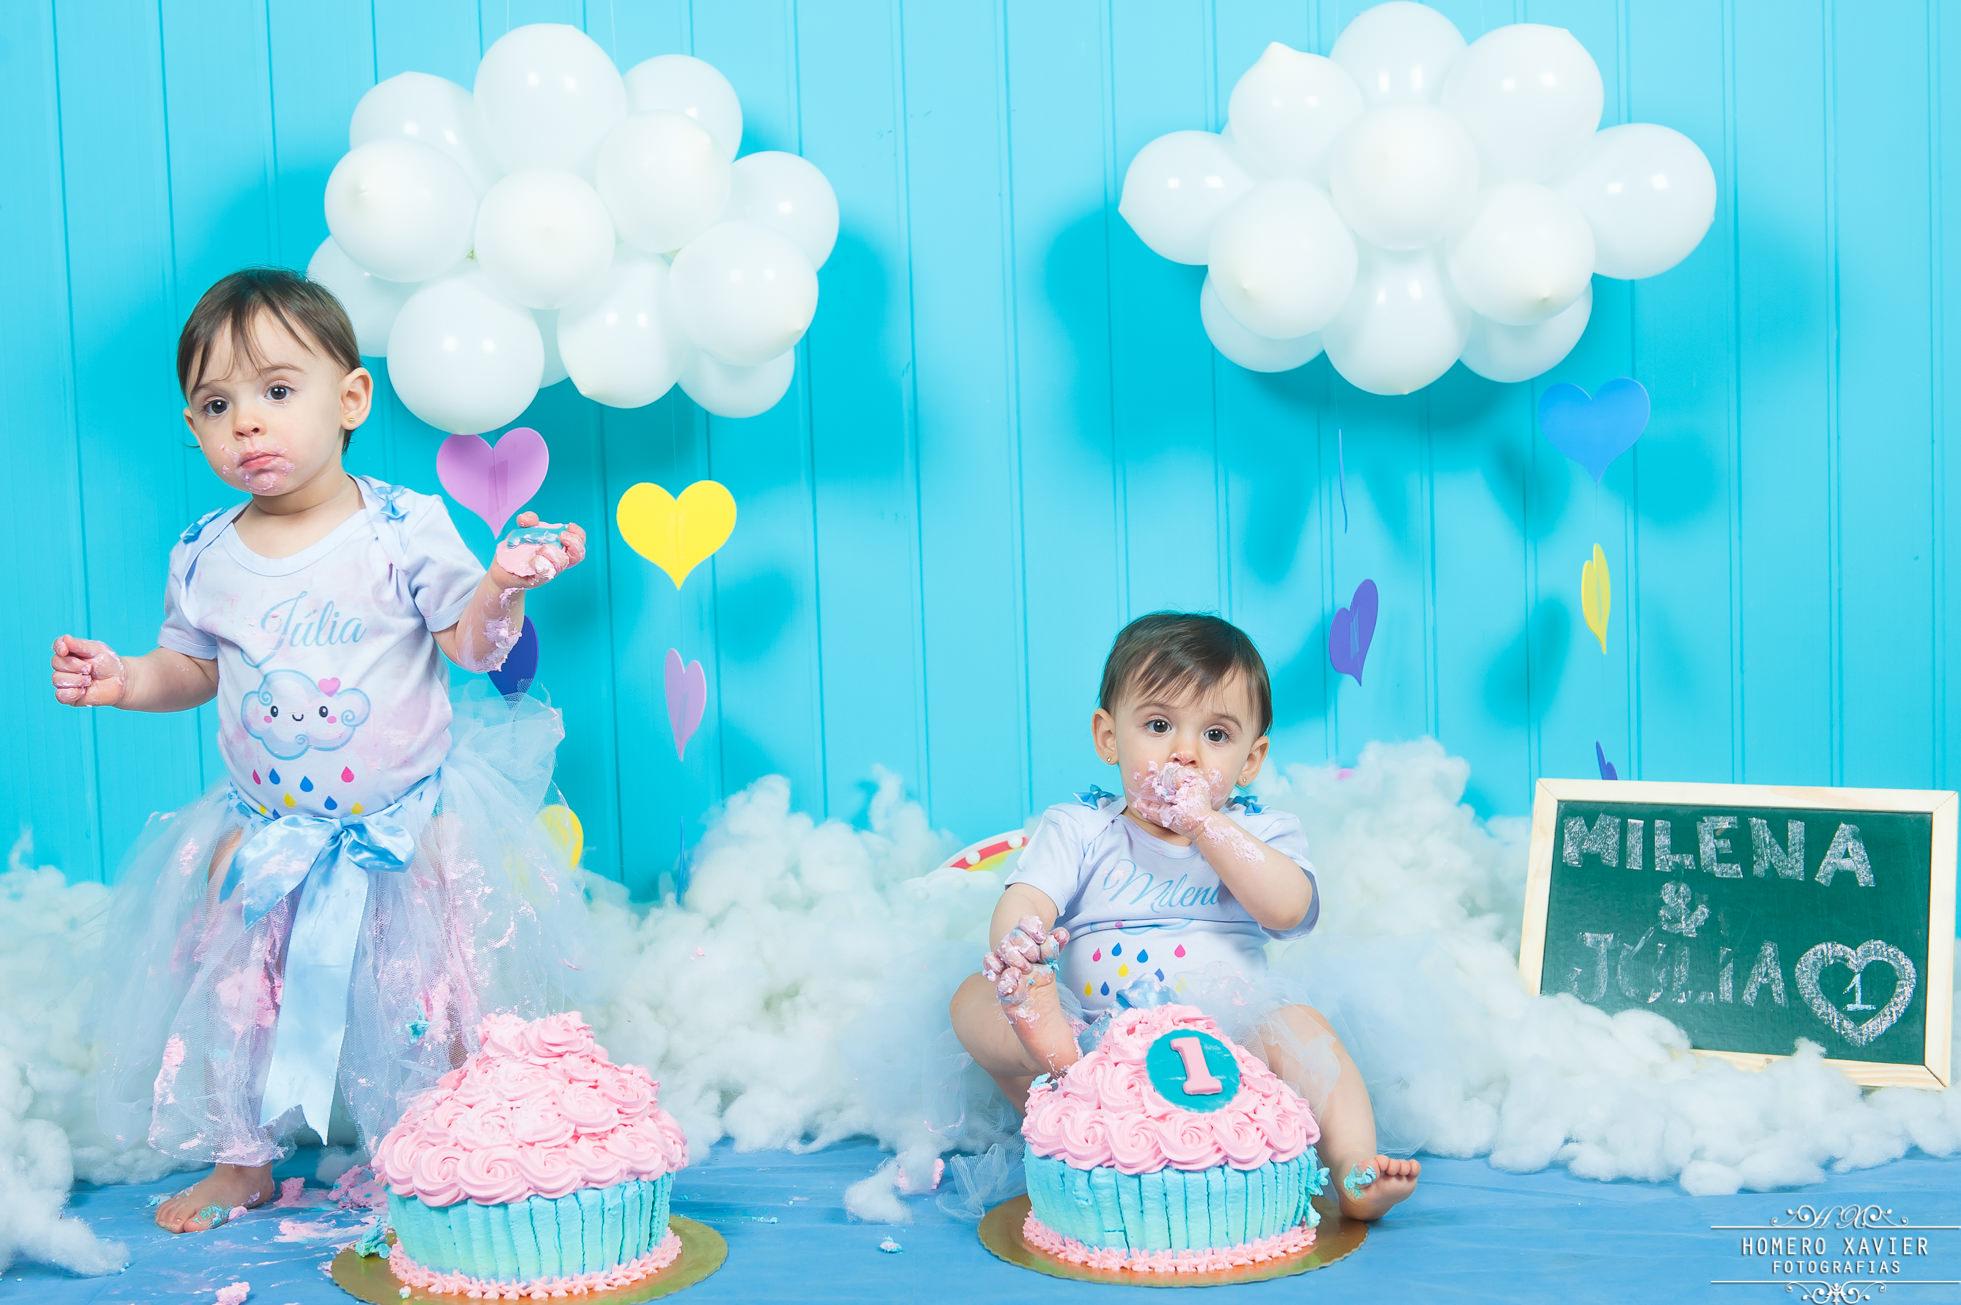 fotografia smash the cake em studio Chuva de Amor BH